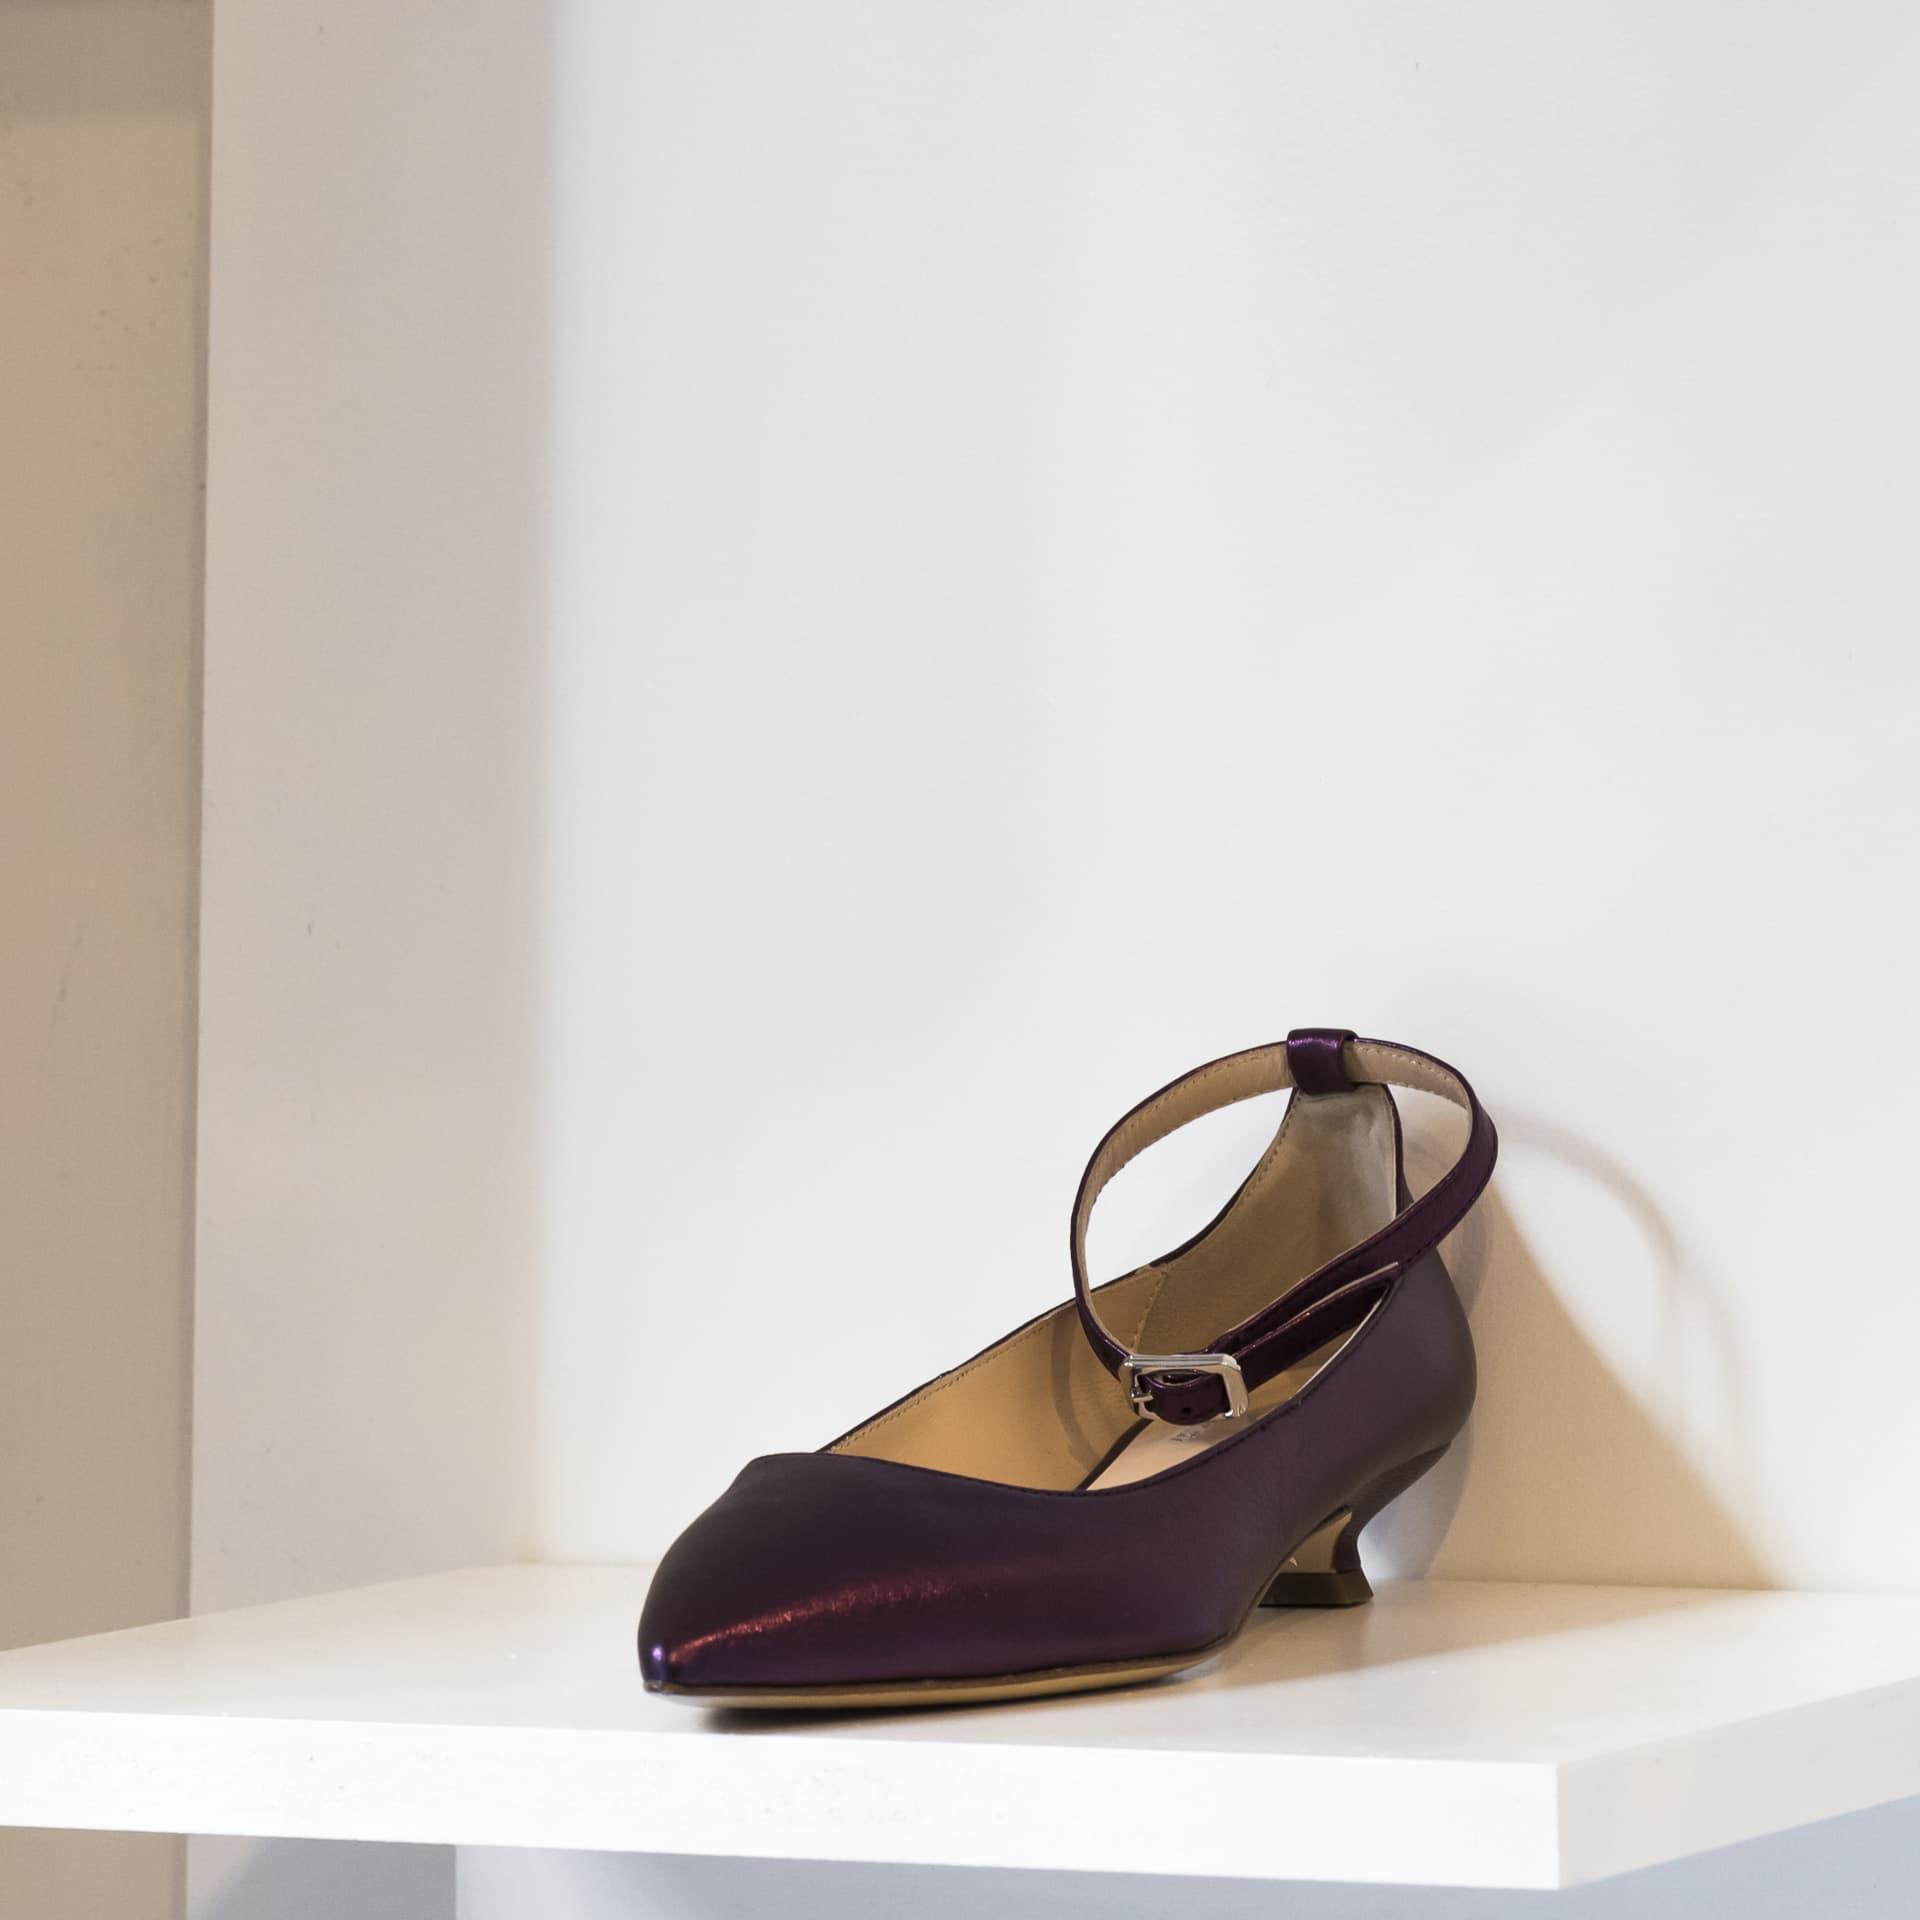 La belle Shoes ballerina (1)